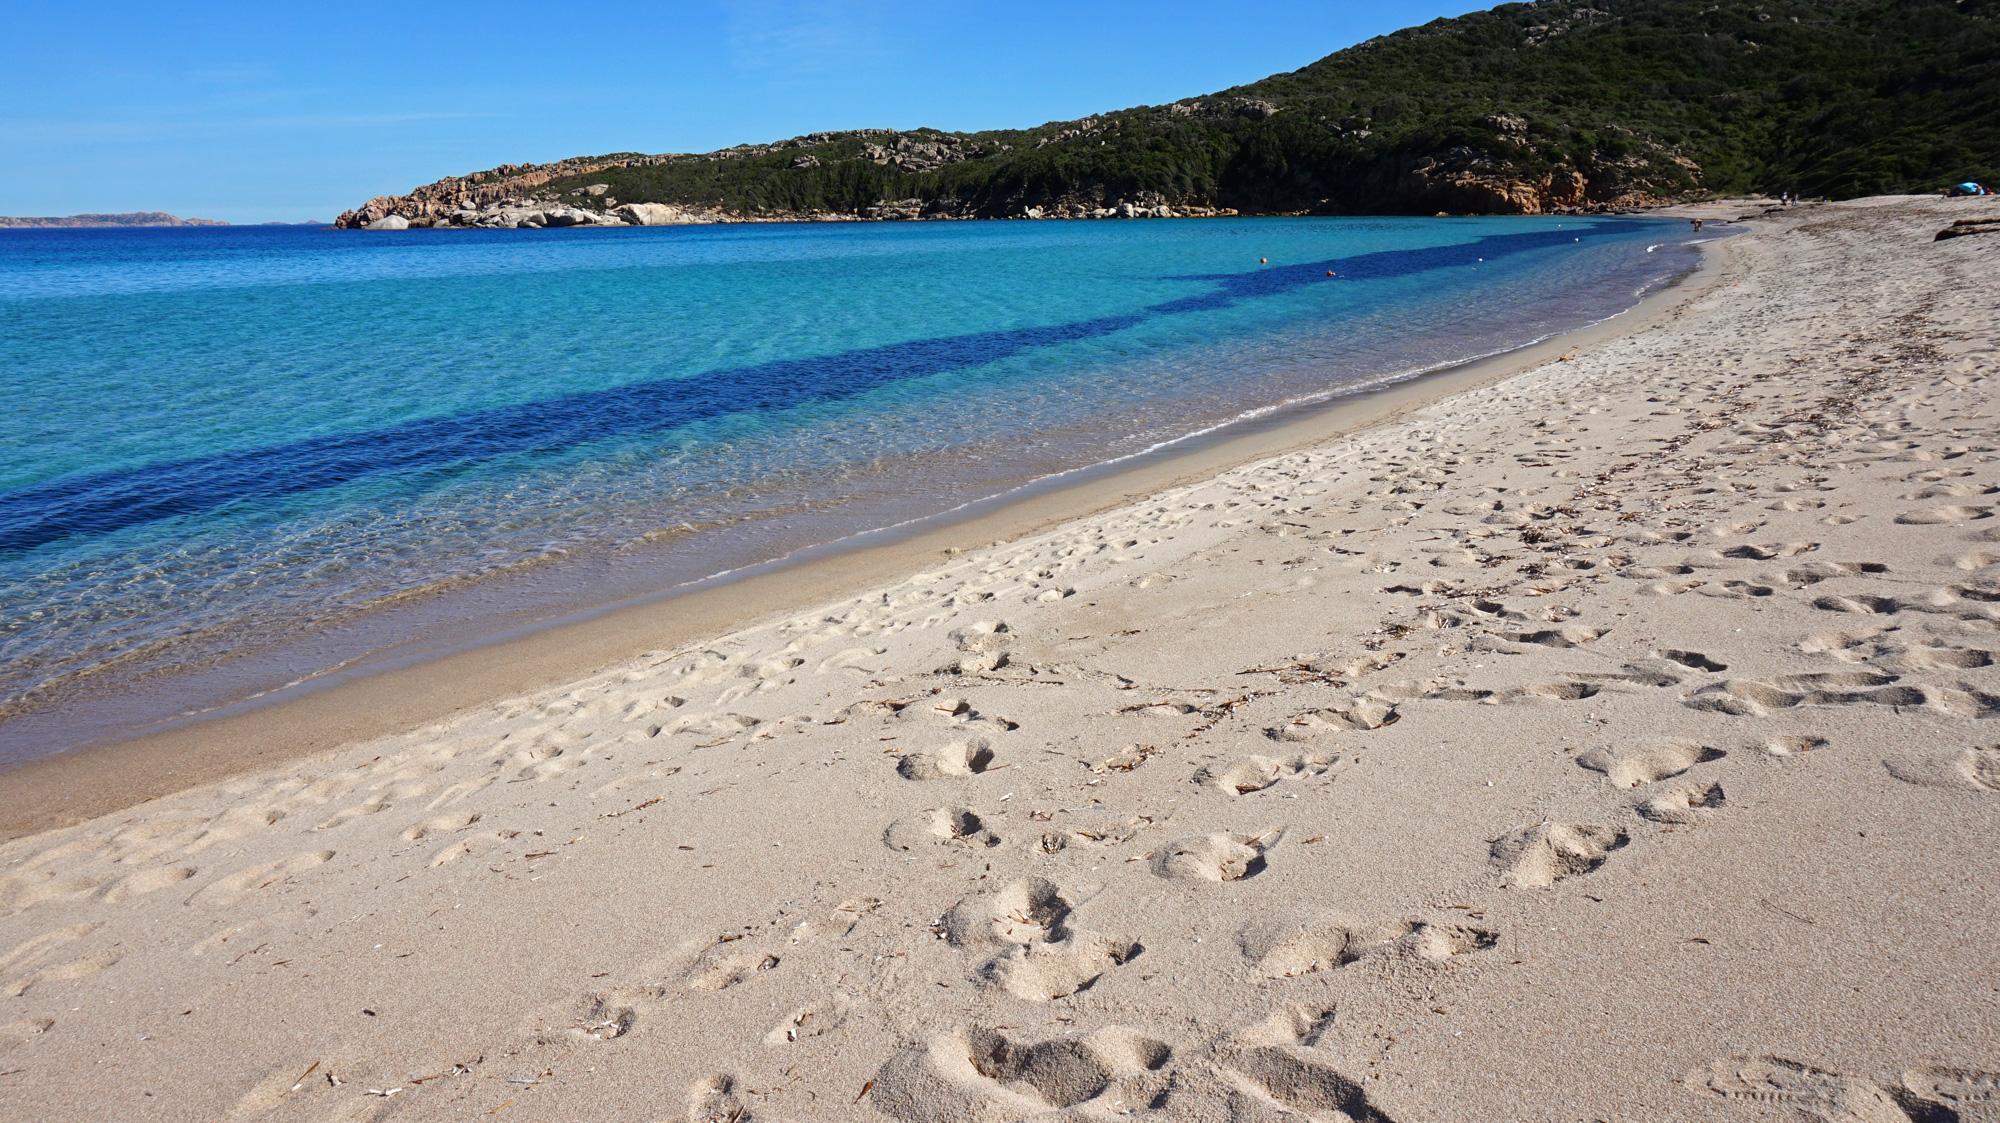 Der Strand La Marmorata ist wunderschön - zumindest im Herbst, wenn er menschenleer ist.